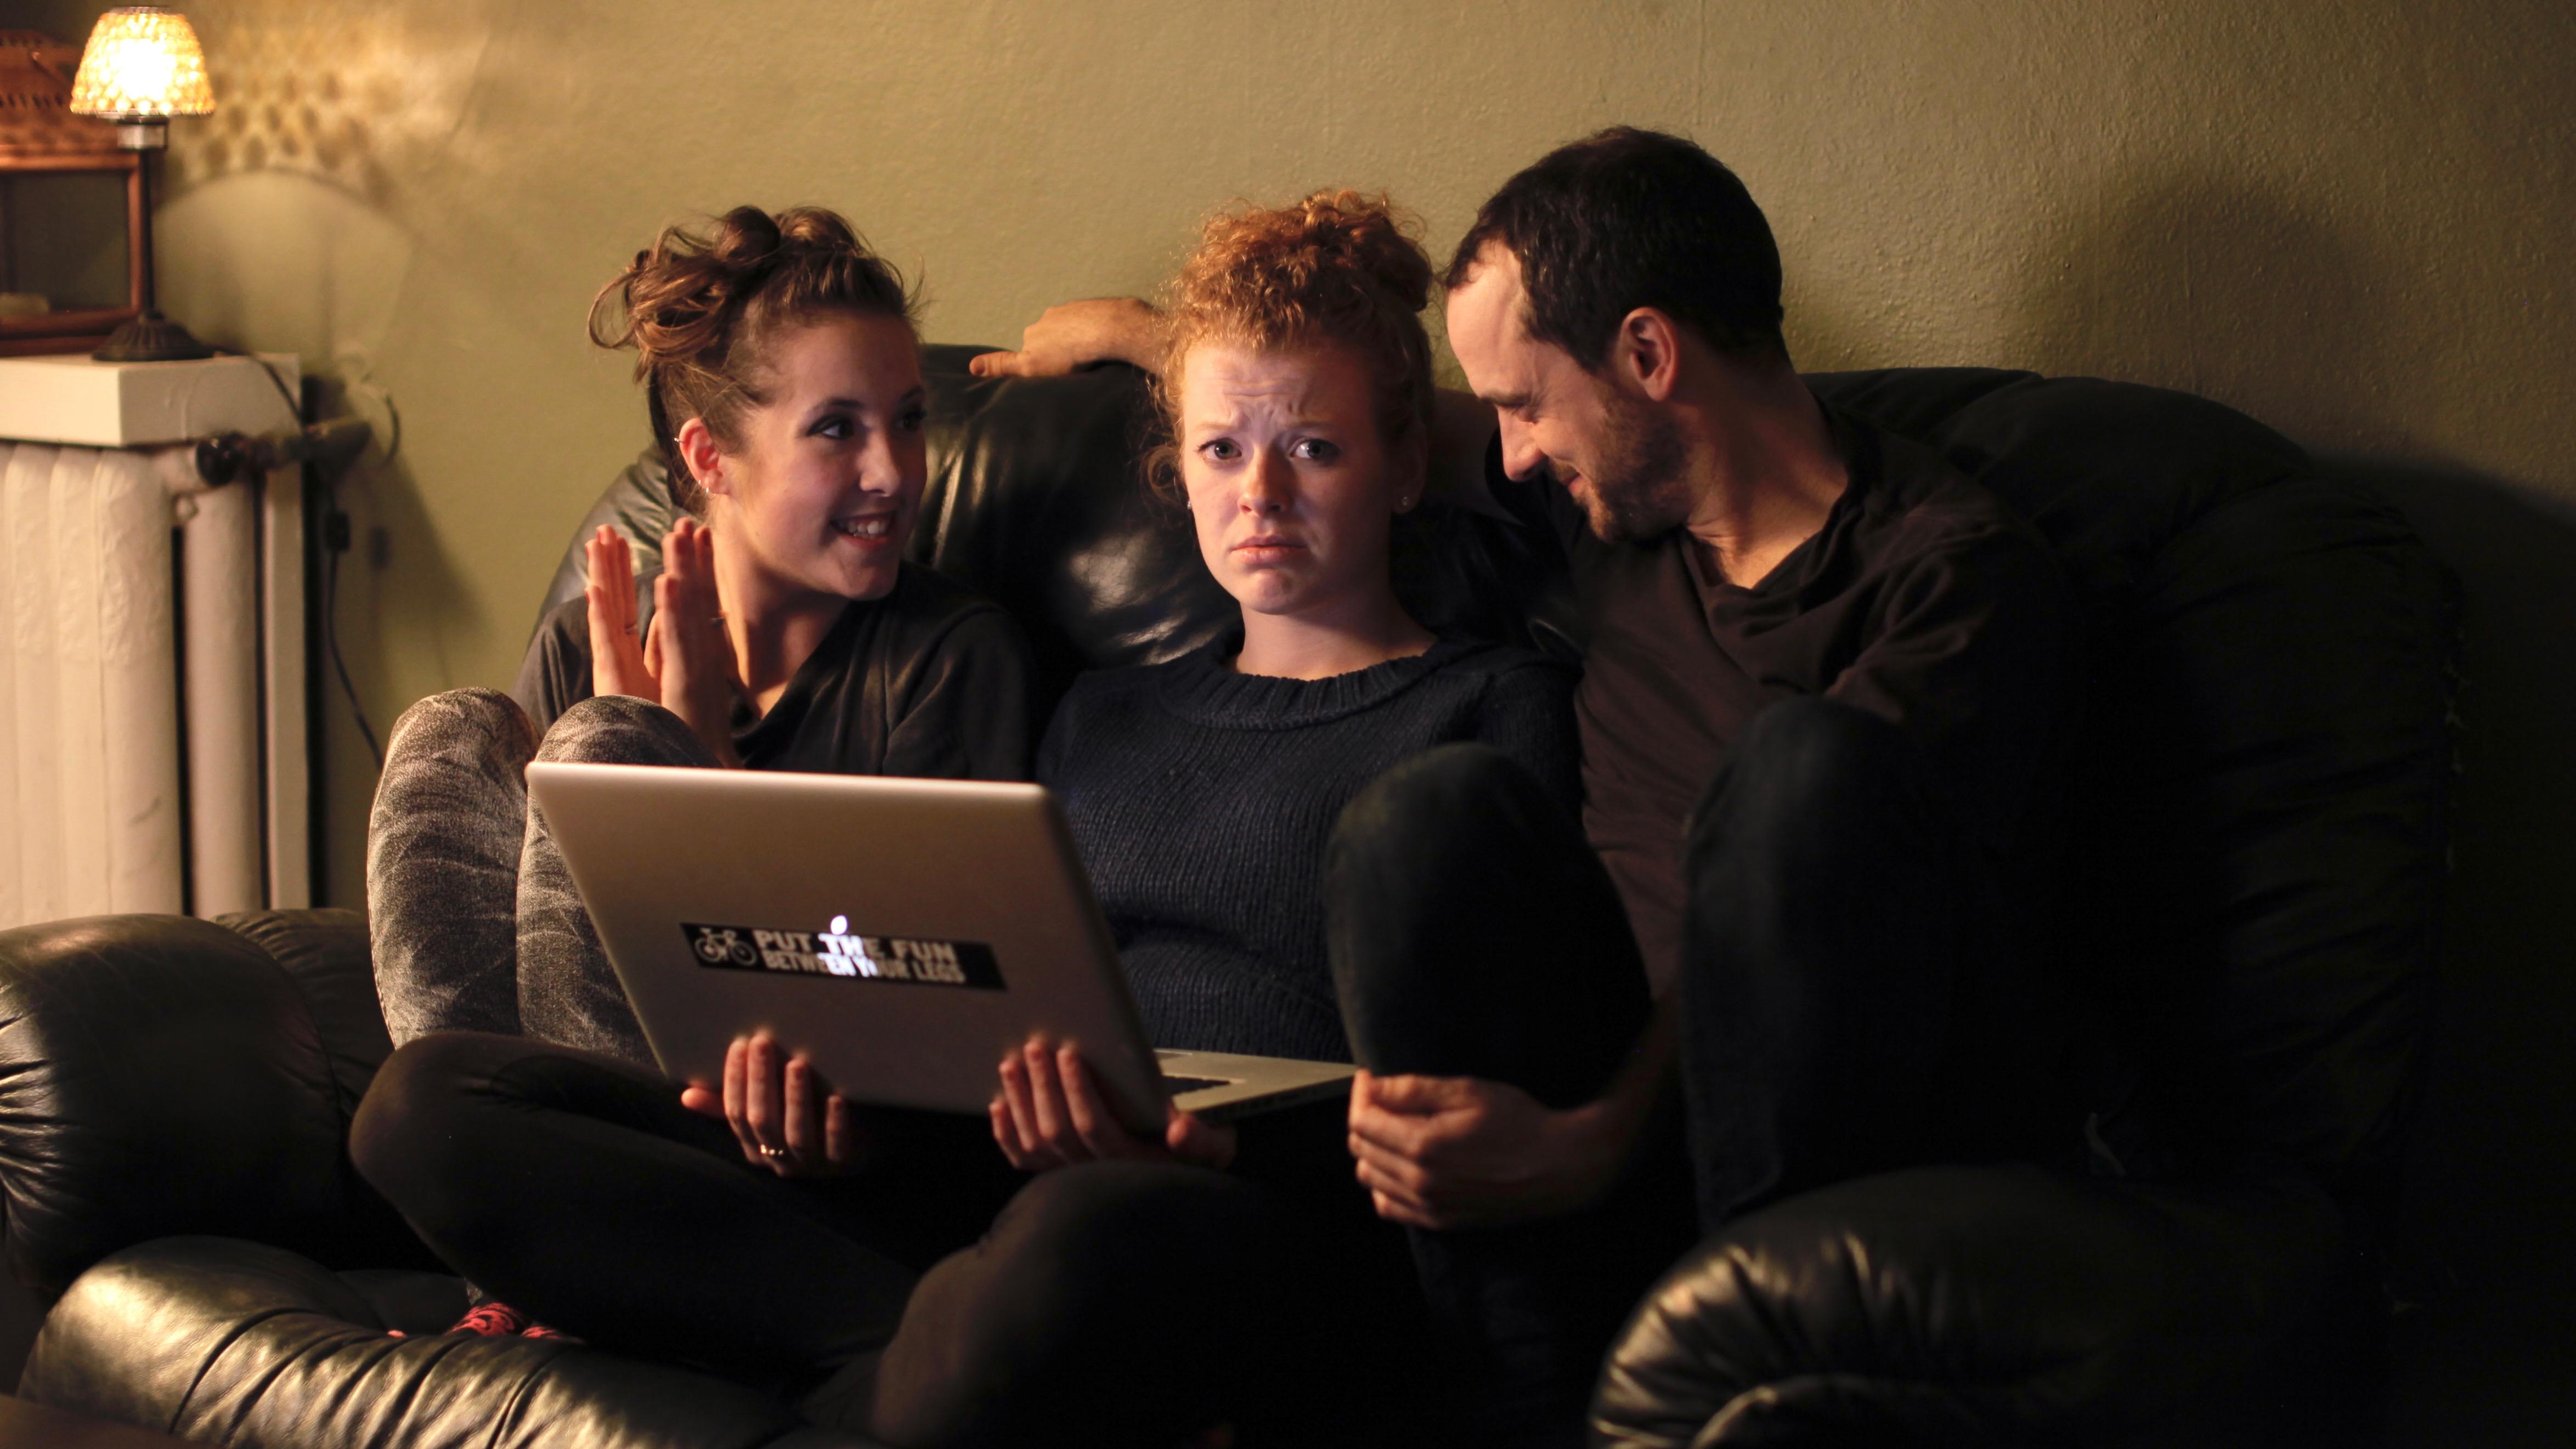 Online-Dating-Rituale der amerikanischen männlichen Vollaufpaare Wot lowe Matchmaking